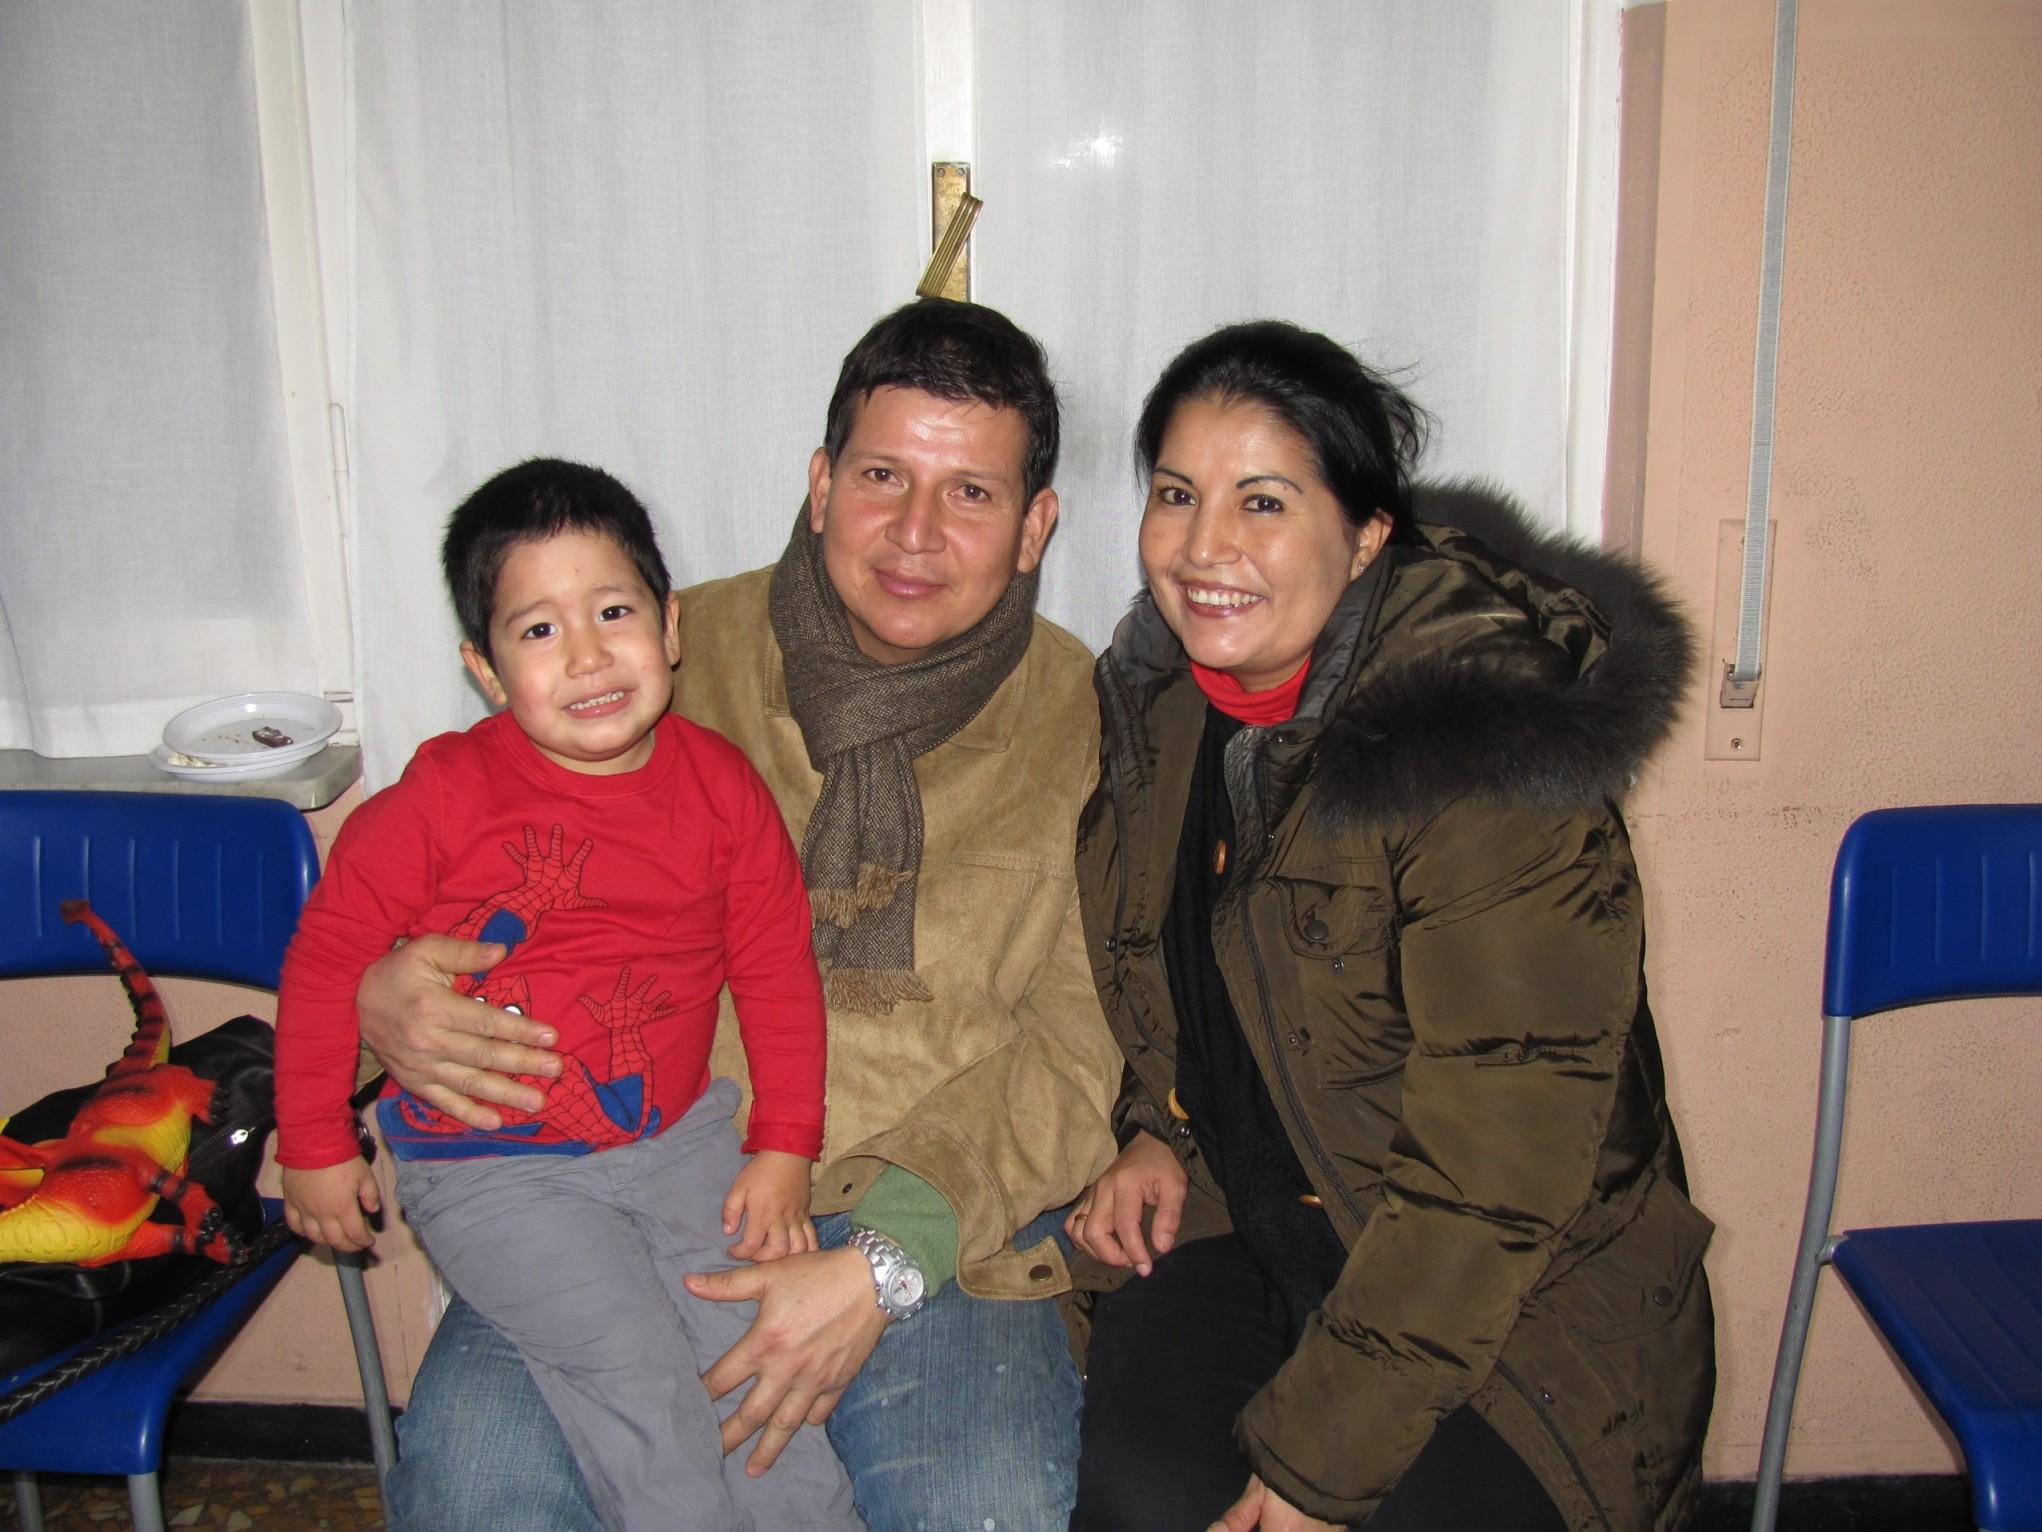 festa_battesimo_gesu_bambini_2012-01-22-17-12-43